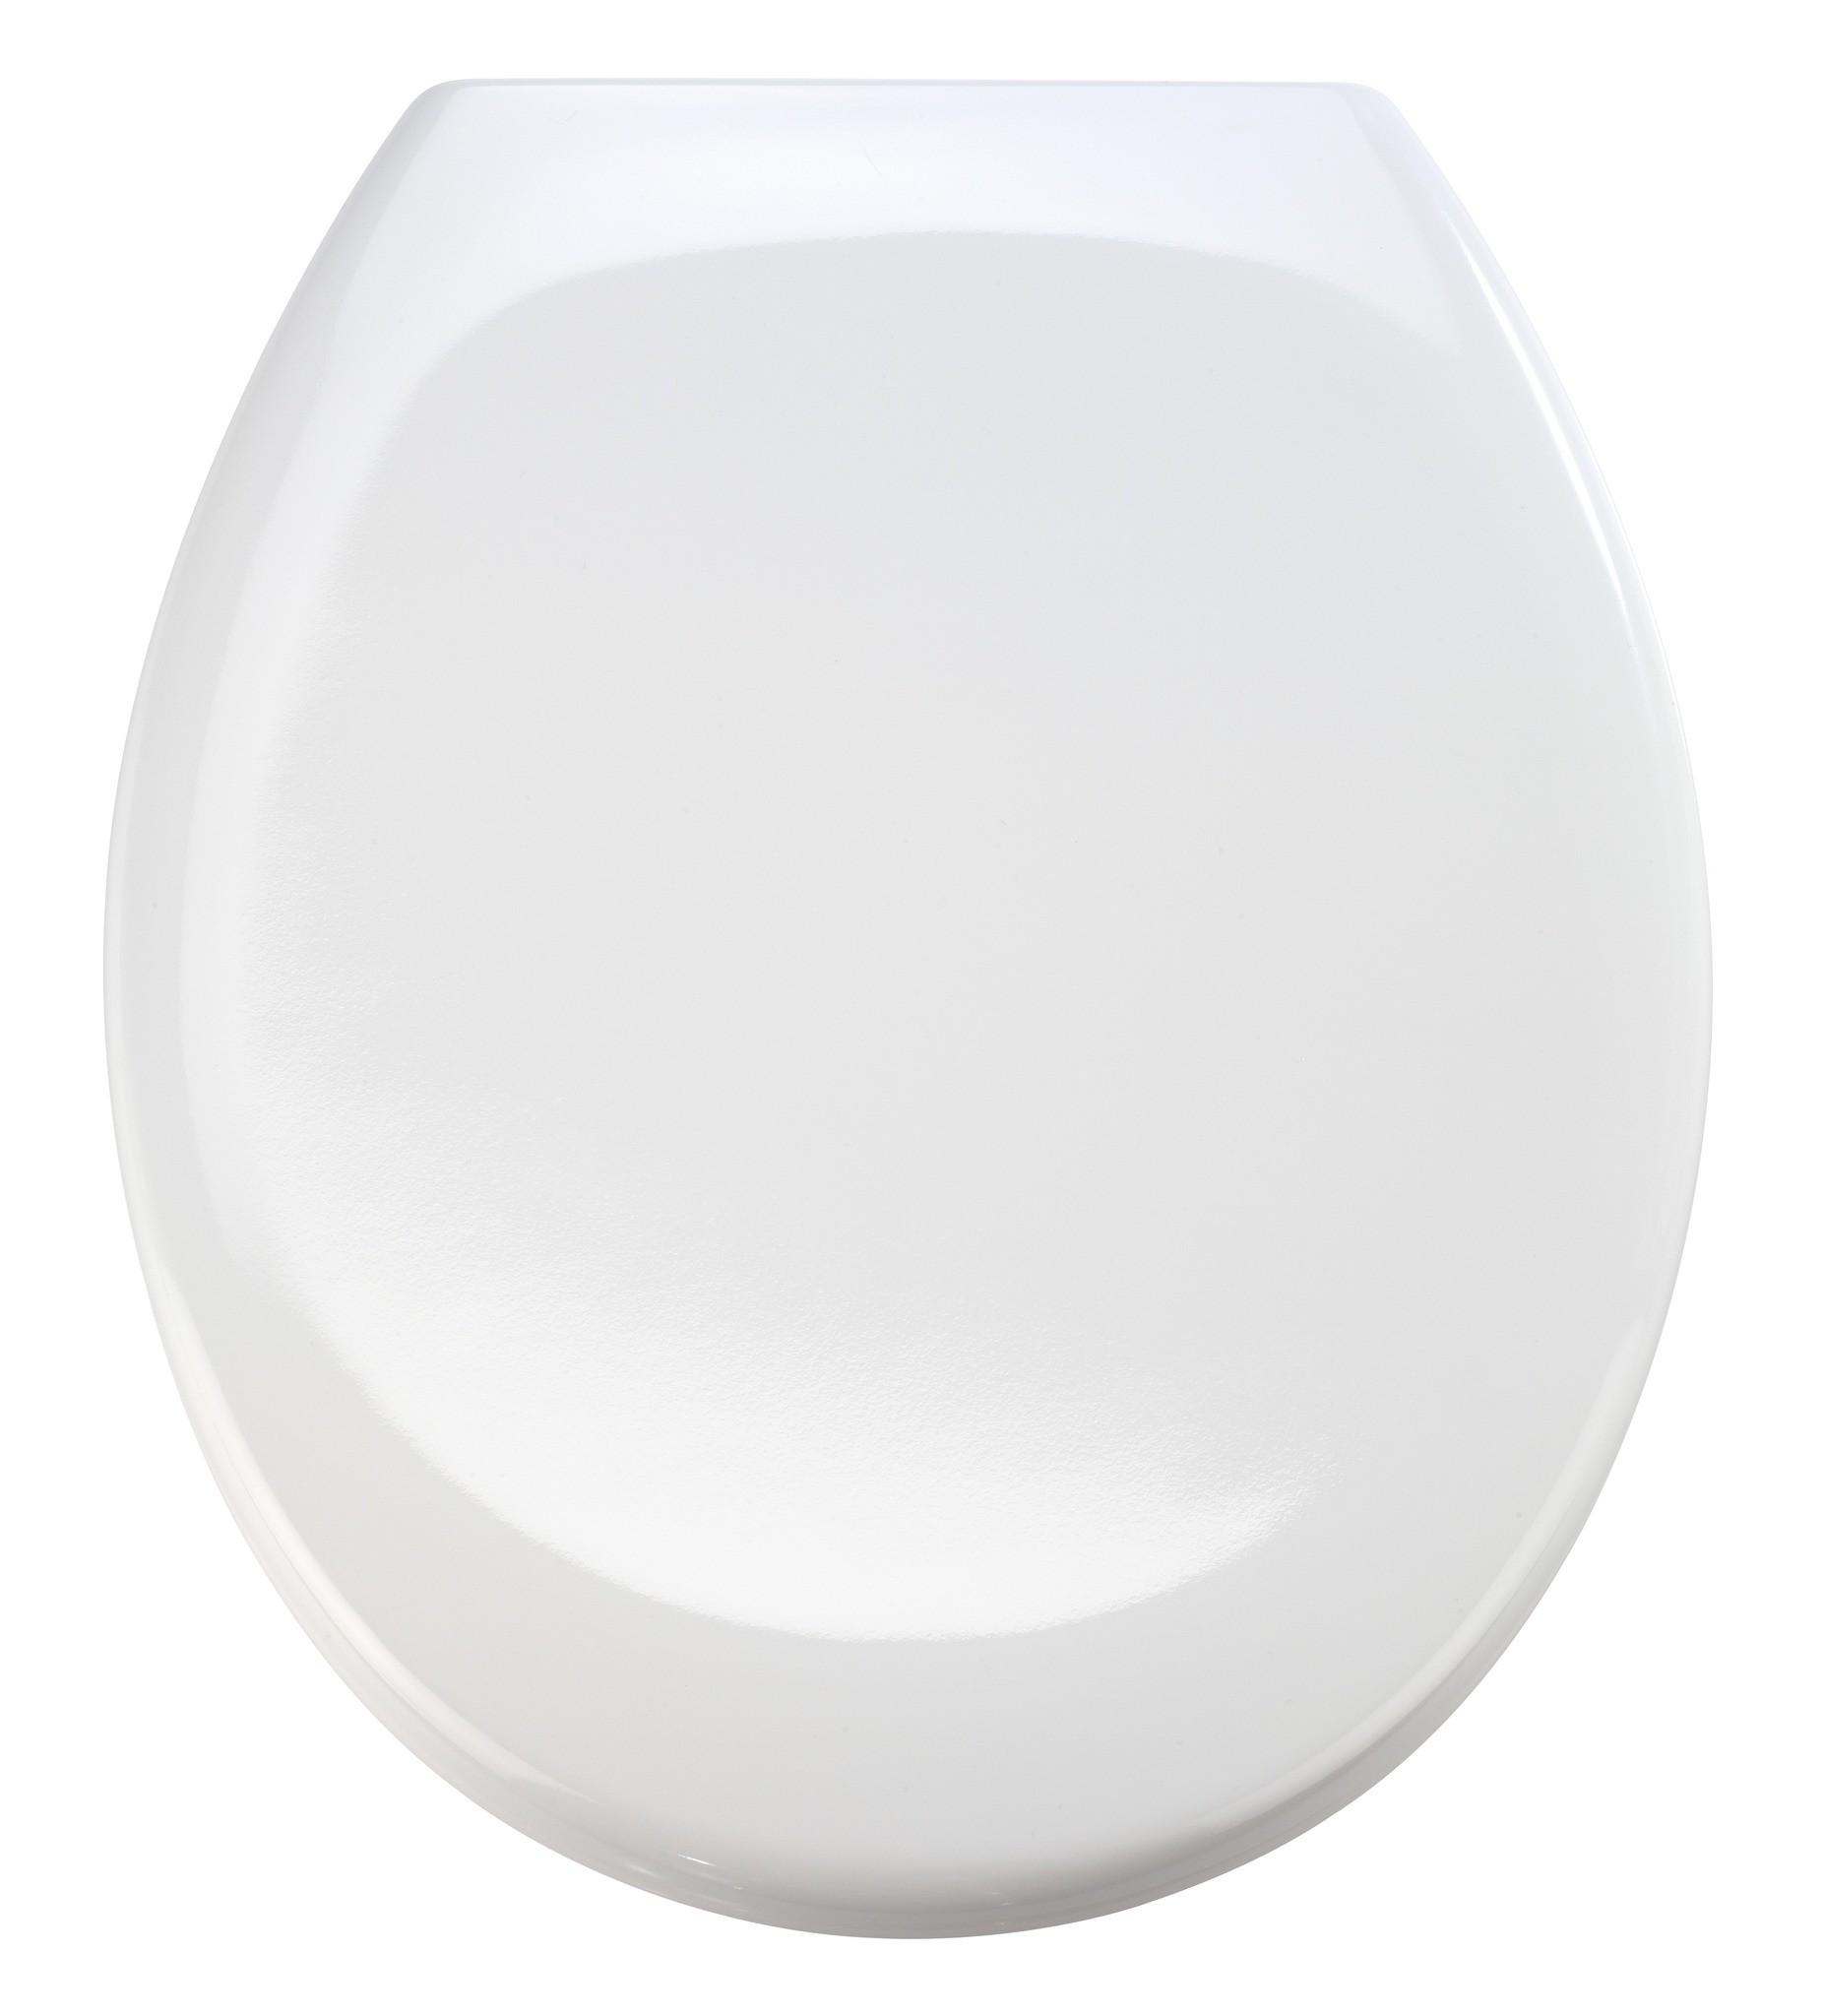 Wenko Premium WC-Sitz Ottana Weiß, mit Absenkautomatik